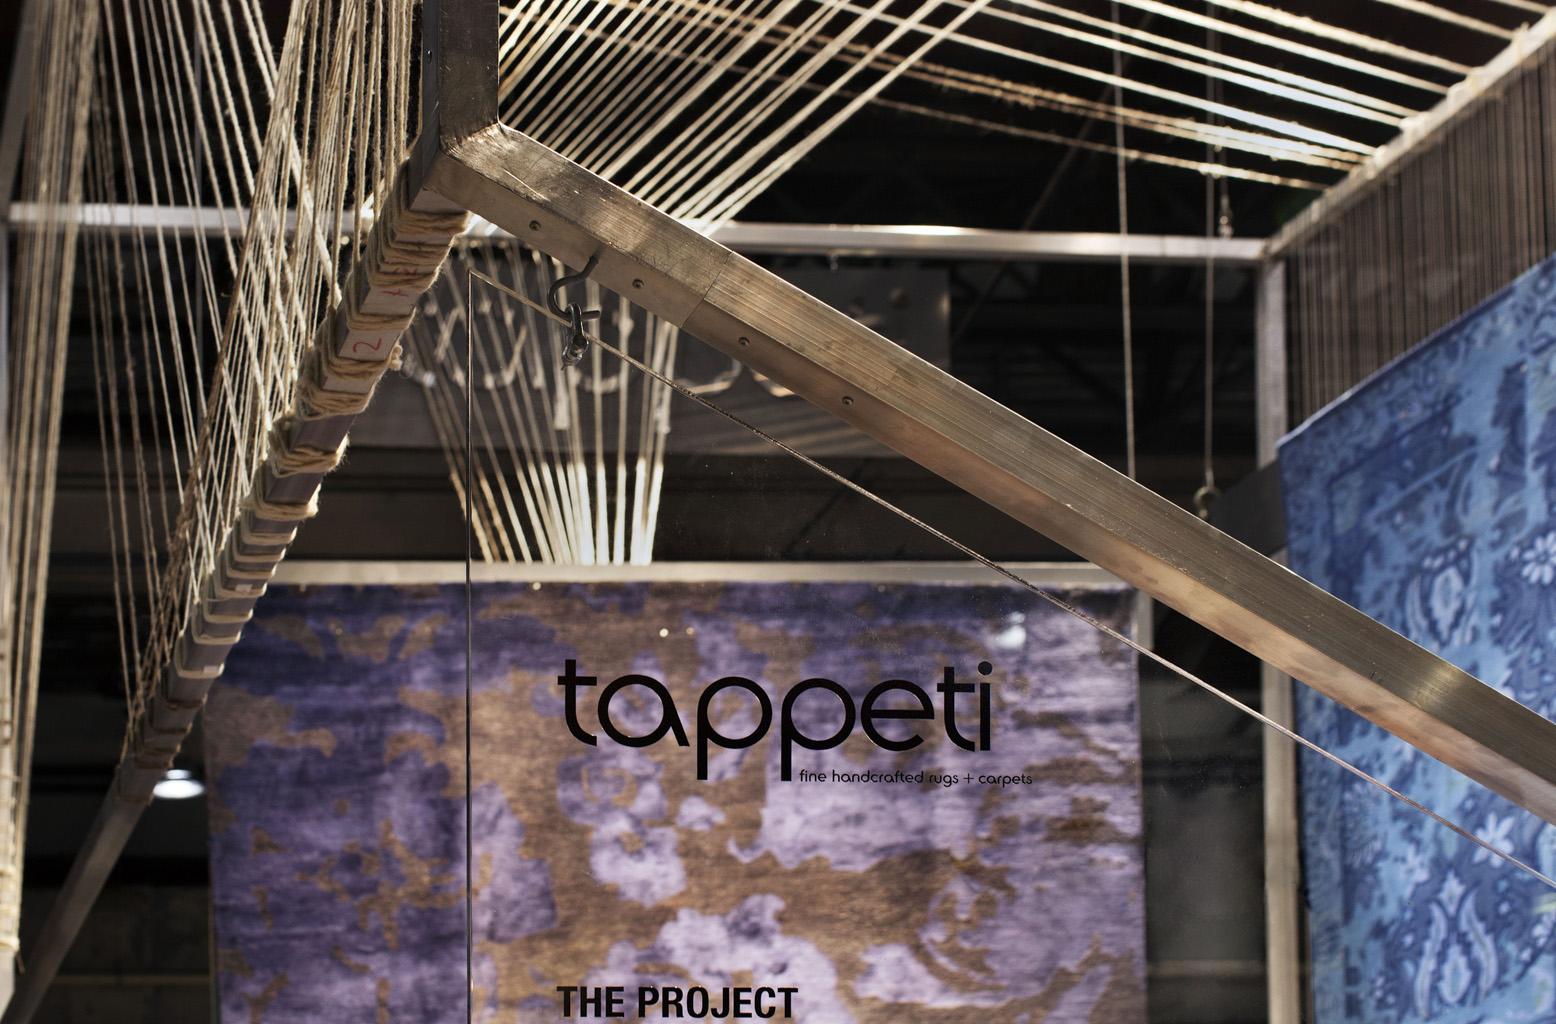 4_130815_tappeti_lr